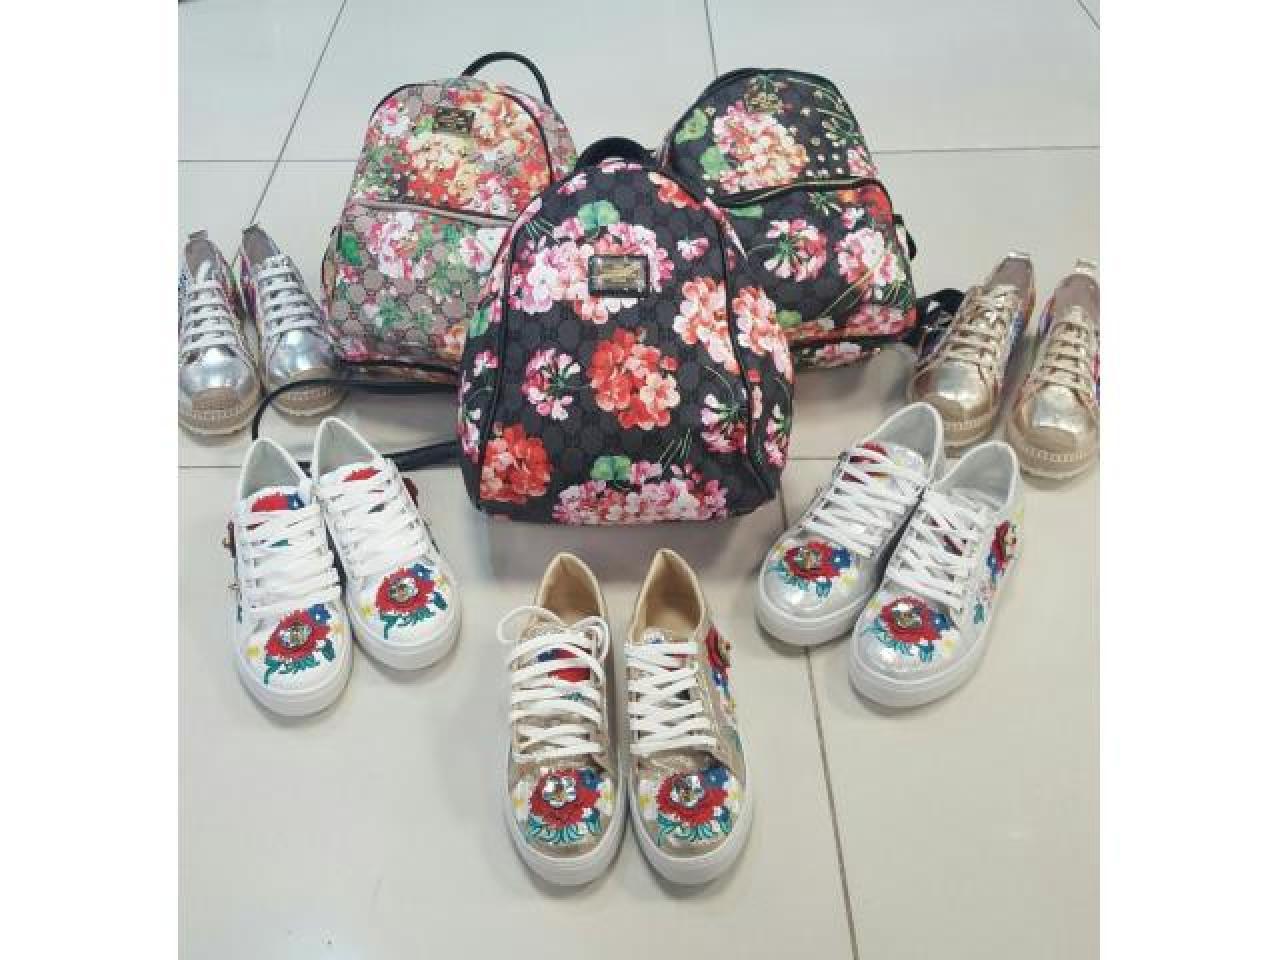 Обувь и сумочки копии знаменитых брендов - 2